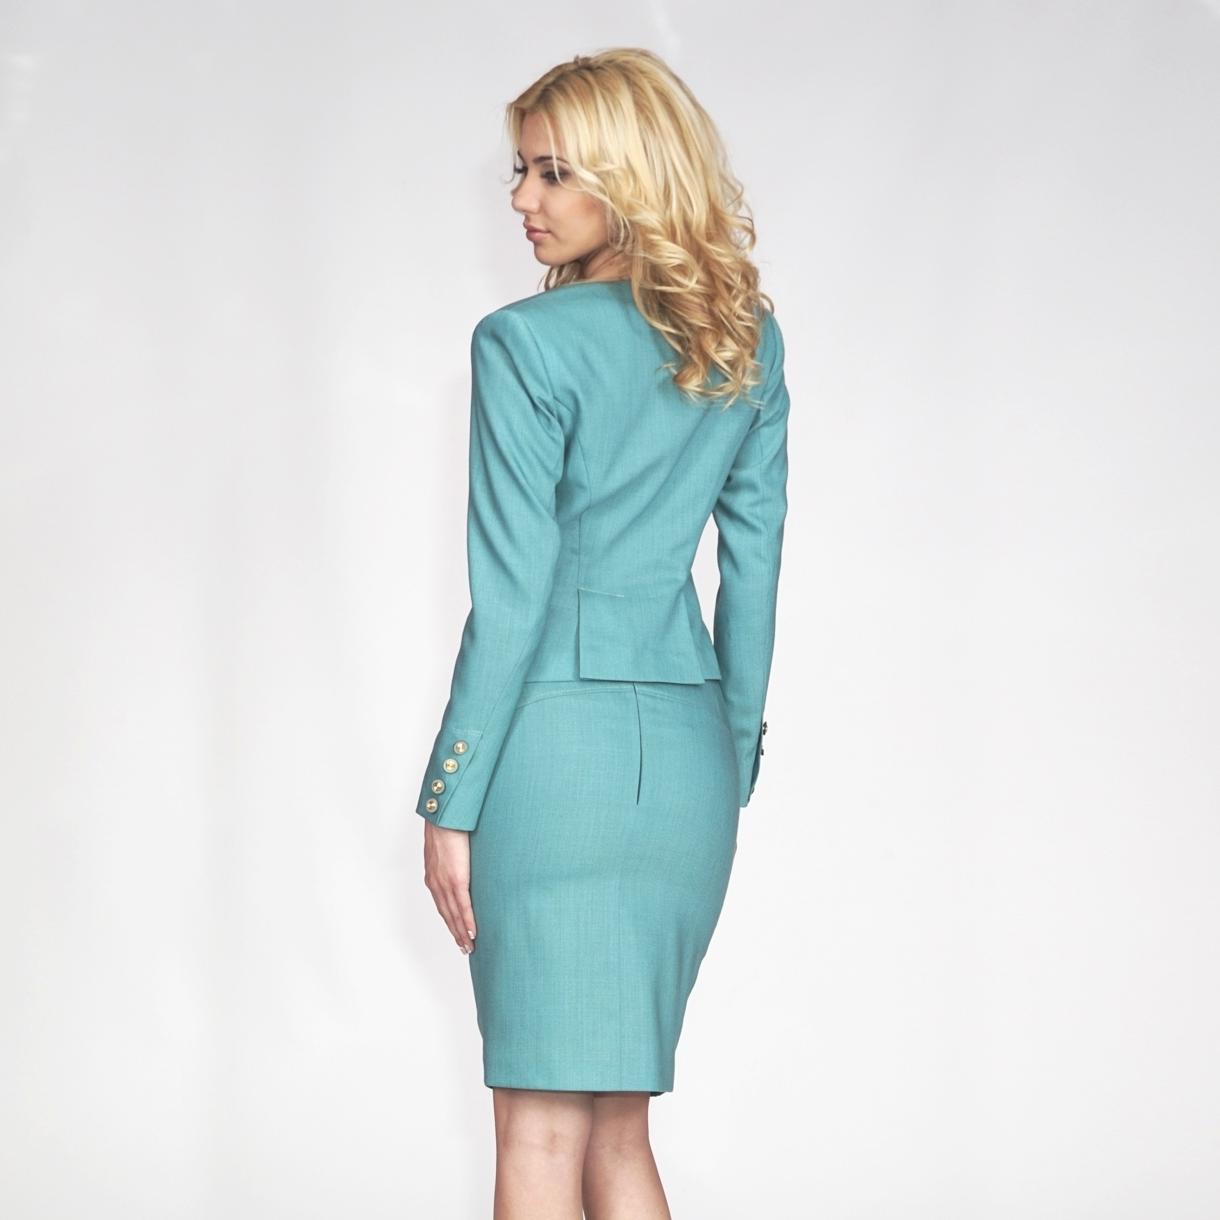 Tailleur femme avec une jupe en bleu clair